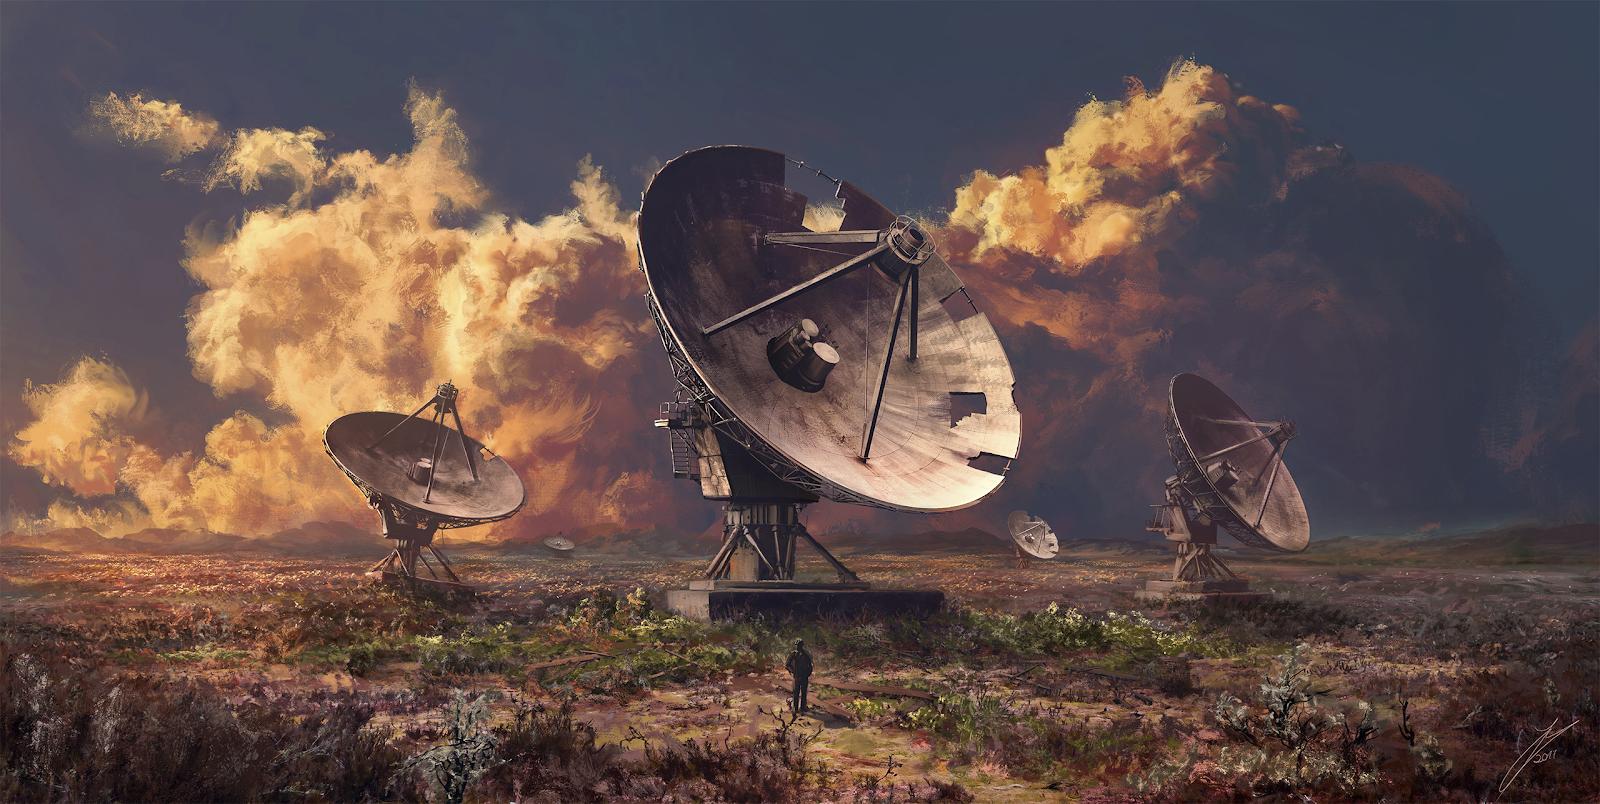 Fantasy Wallpaper - Fields of Silence by Julian Bauer